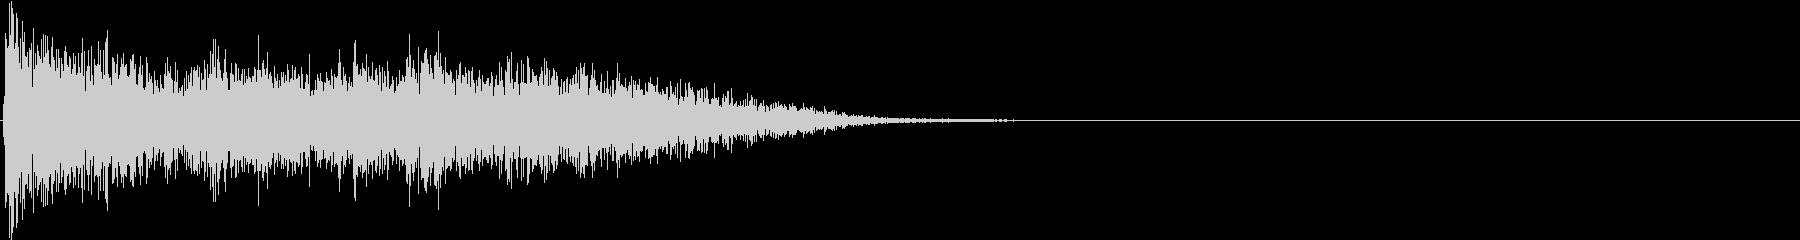 【生録音】刀系武器 アクションSE 7の未再生の波形